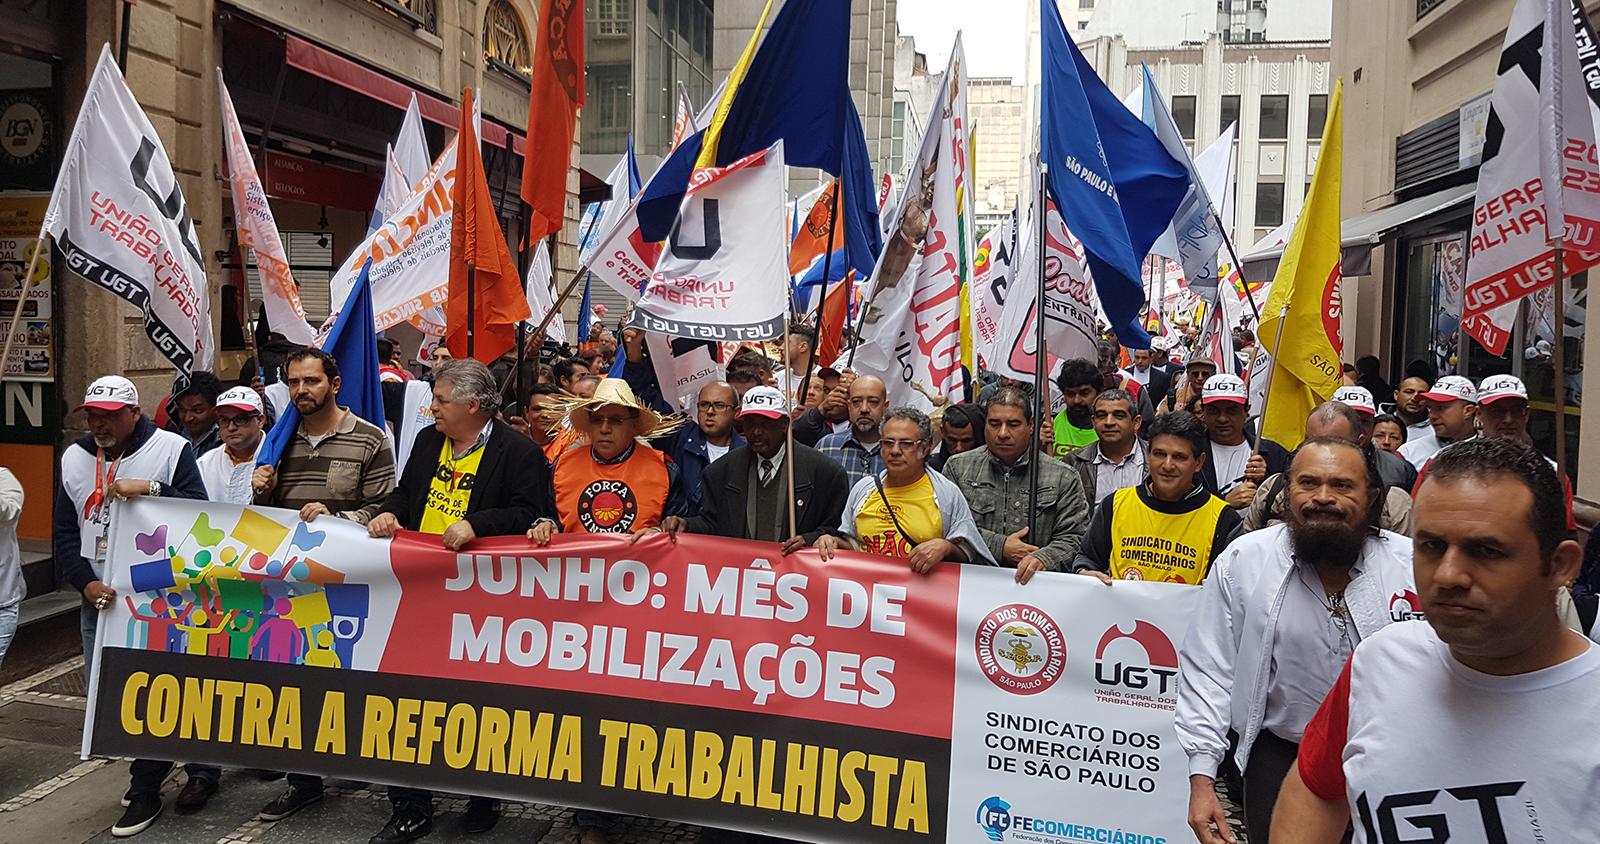 Manifestação contra as reformas trabalhista e previdenciária do dia 20/06/2017 no centro de SP